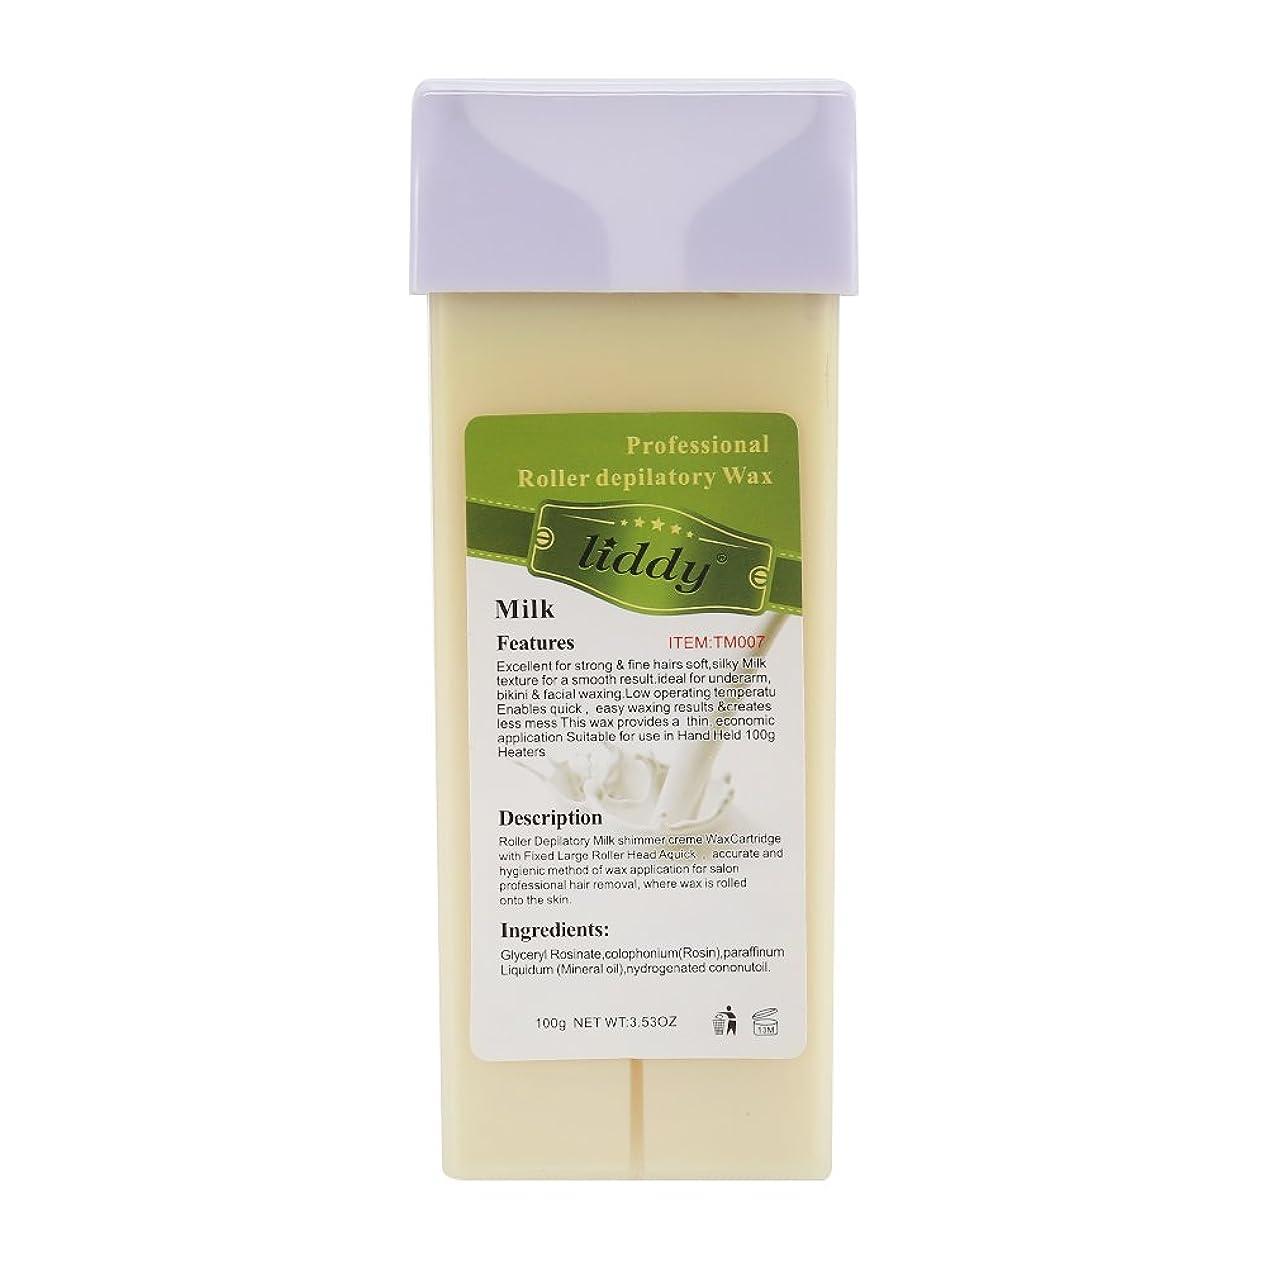 排出火山学者ピニオンLiebeye 水溶性脱毛ワックス 脱毛プロフェッショナル使用 瓶詰めワックス いい香り100g/3.53oz ミルク